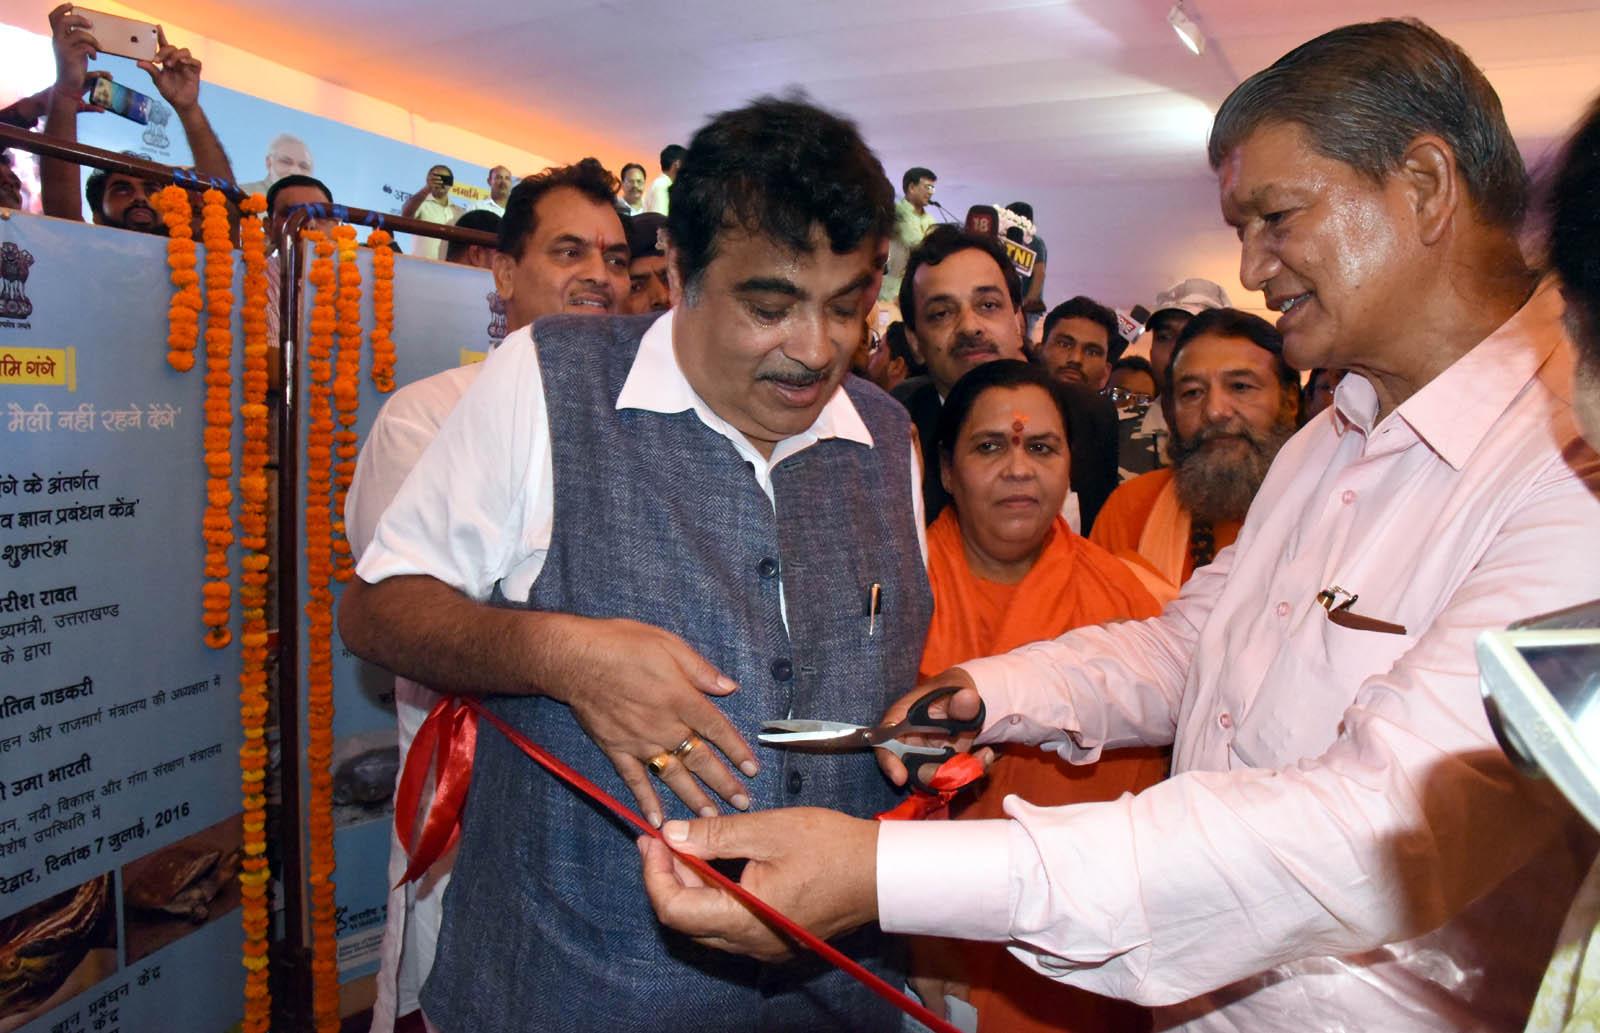 namaami gange Yojna ka shubharambh karte CM uttaarakhand evam nitin Gadkari Cabinet minister